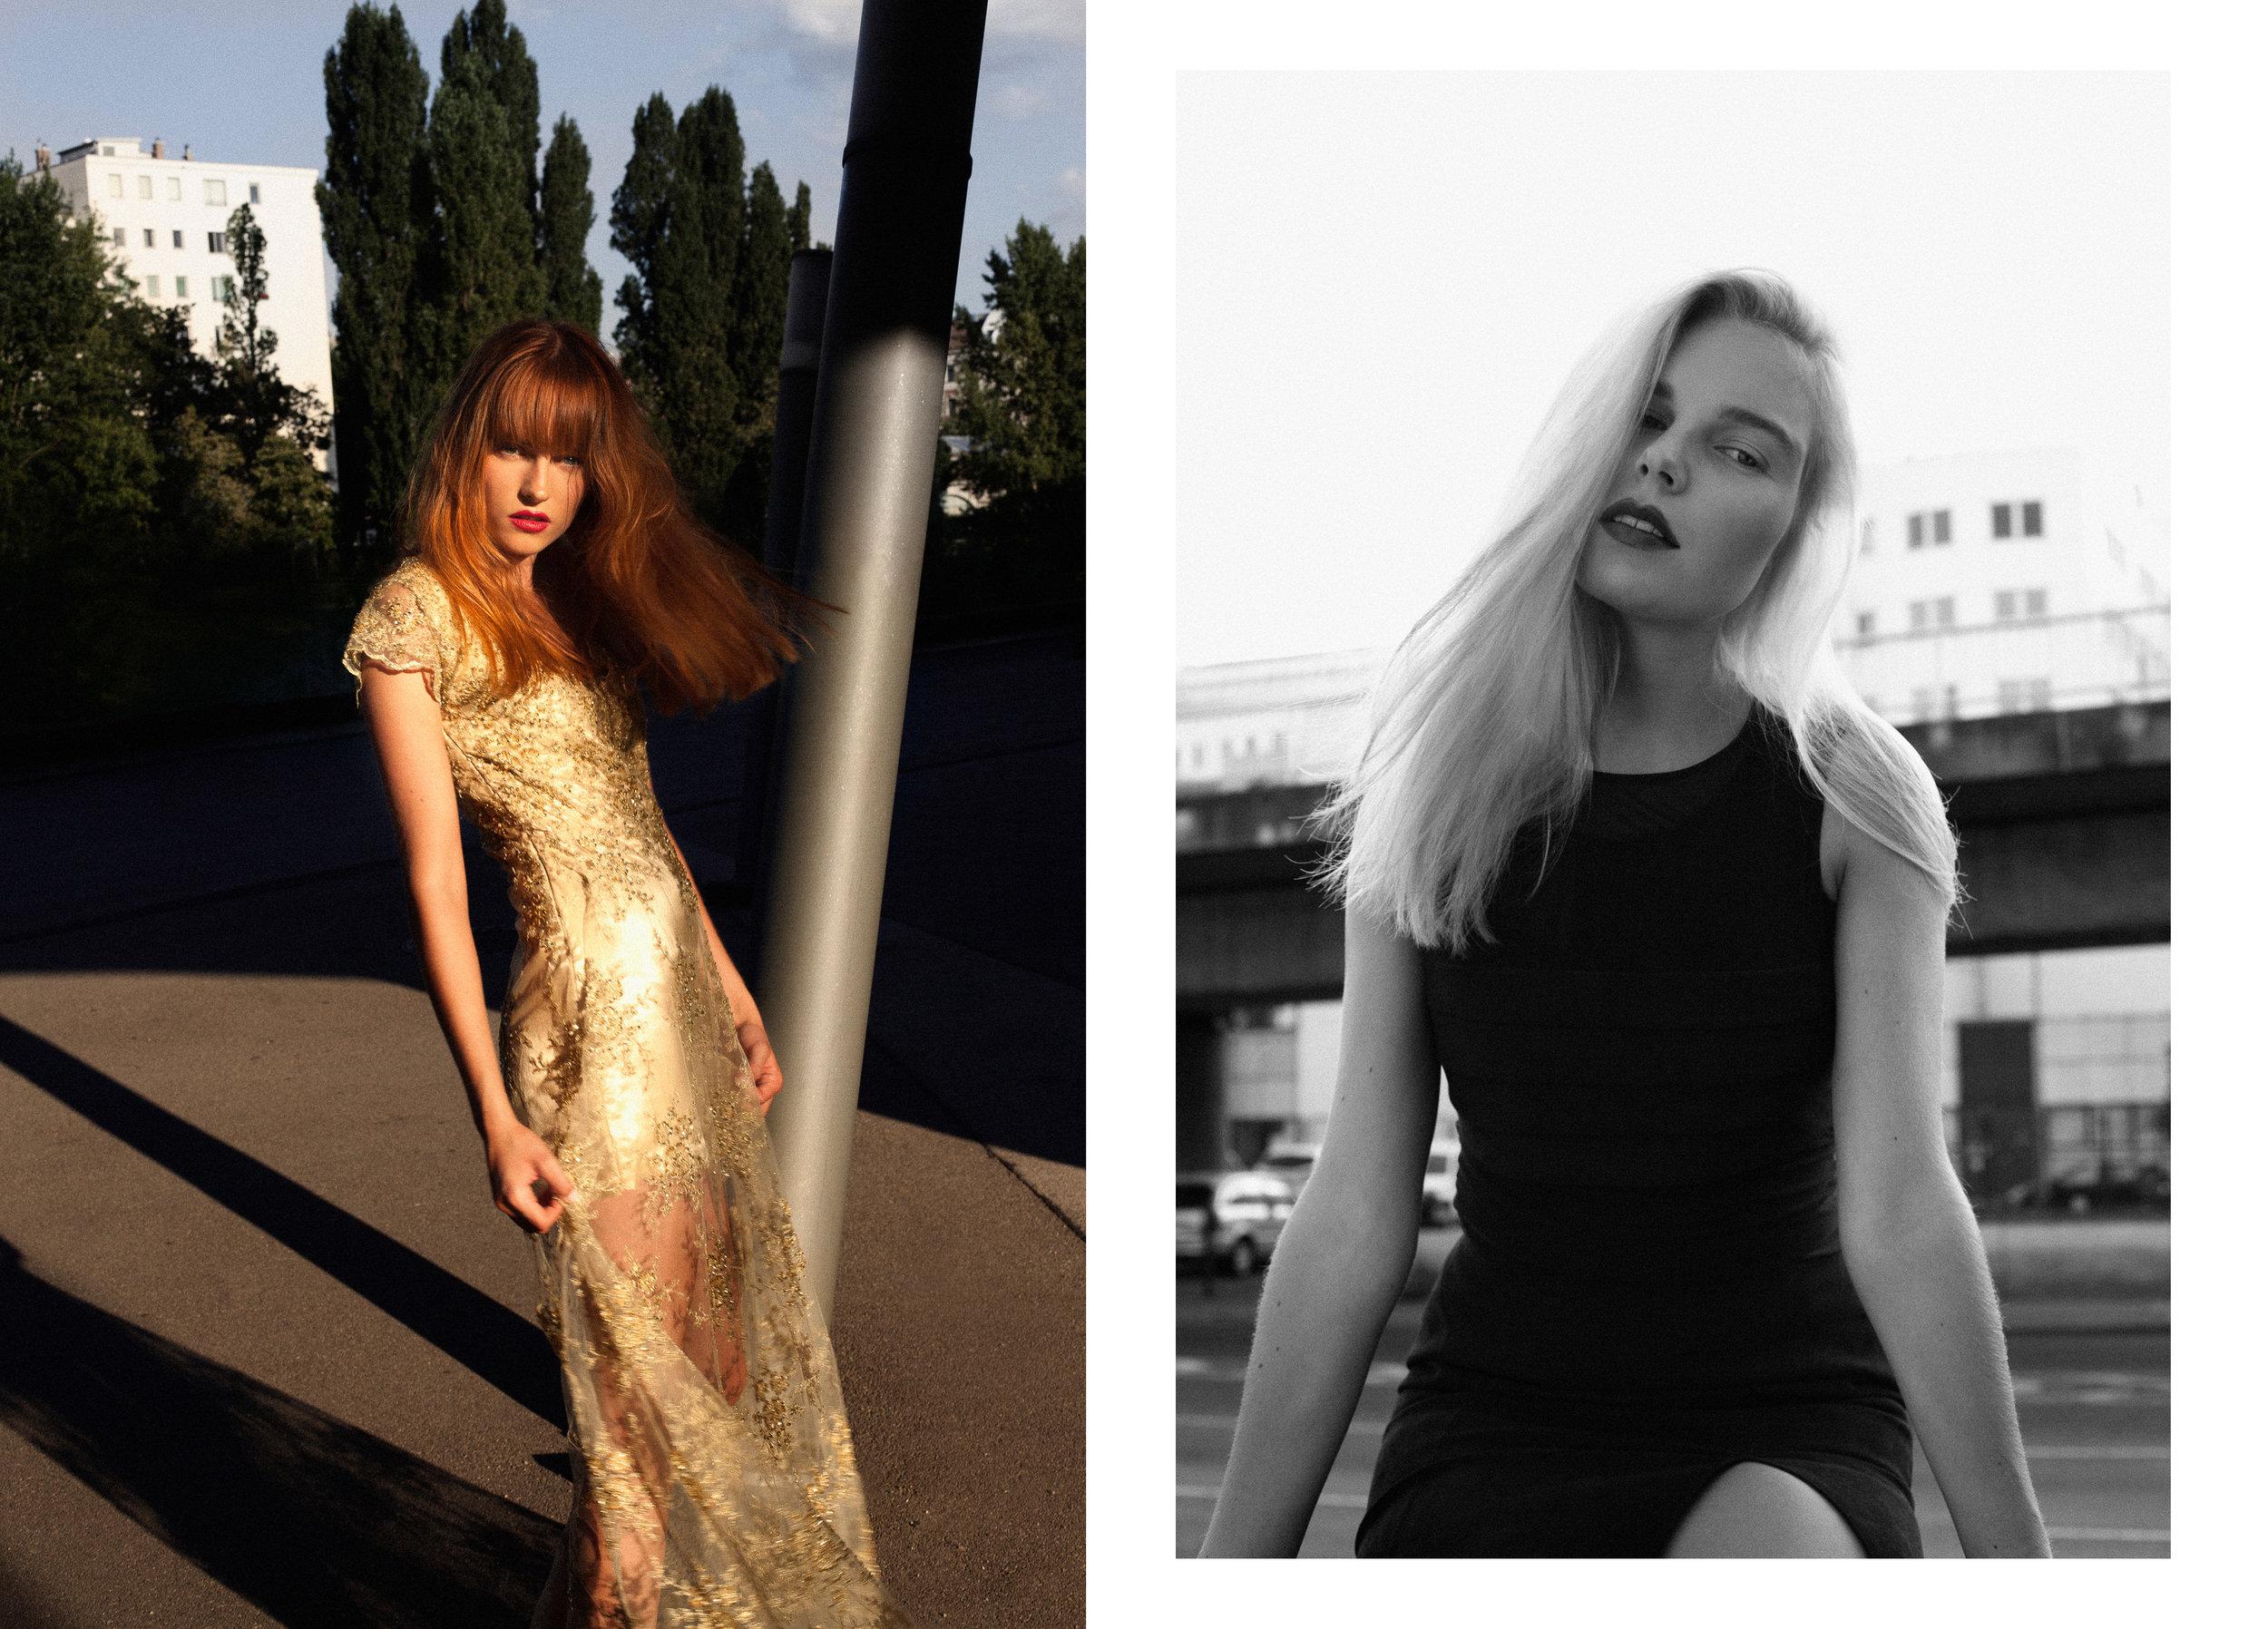 Left / Dress: Elisa Malec Right / Dress: Segolene De Witt